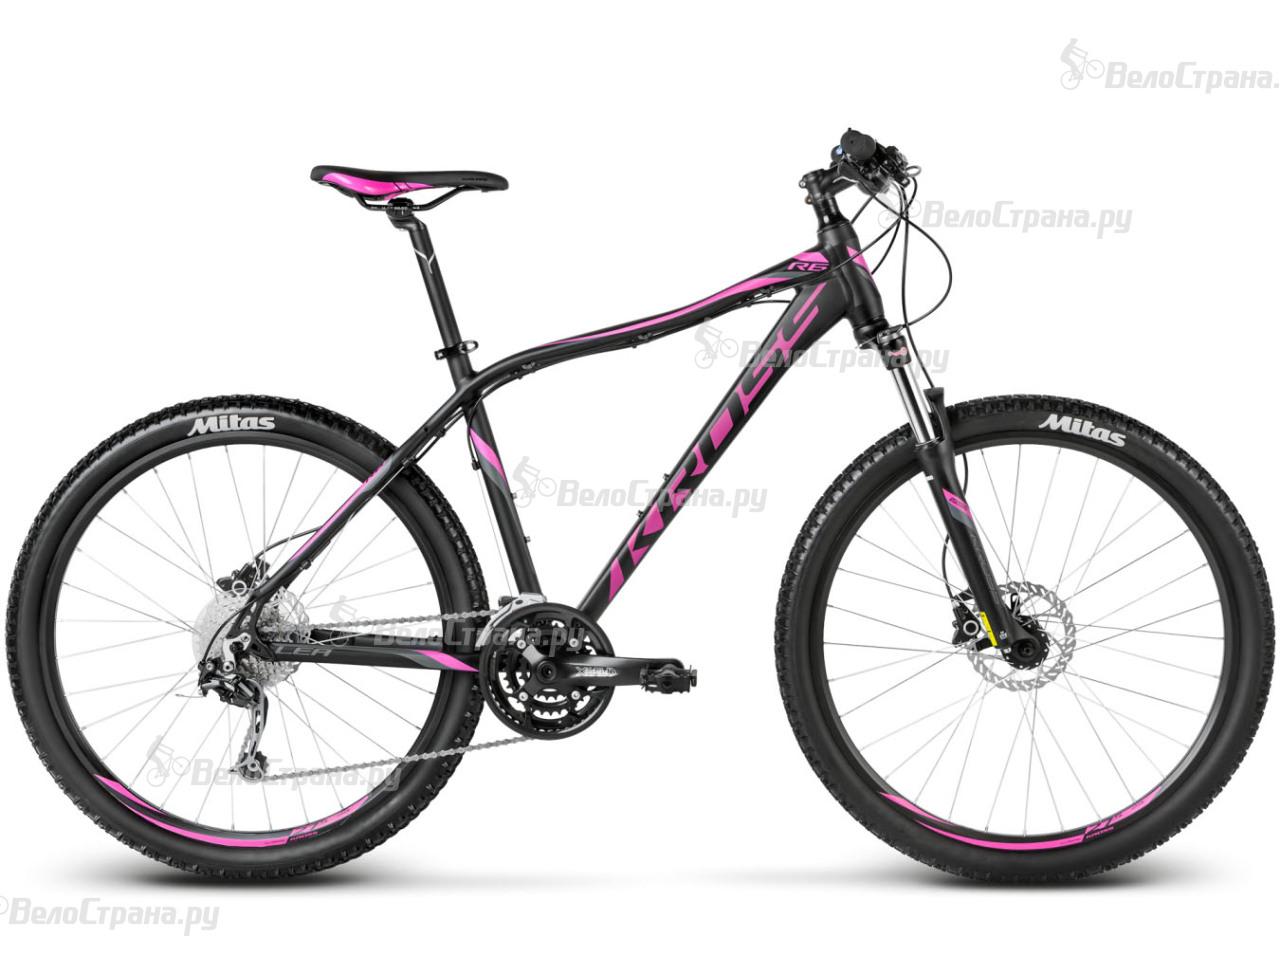 Велосипед Kross Lea R6 (2017) носки kross prs tall размер xl черный t4cod000275xlbk